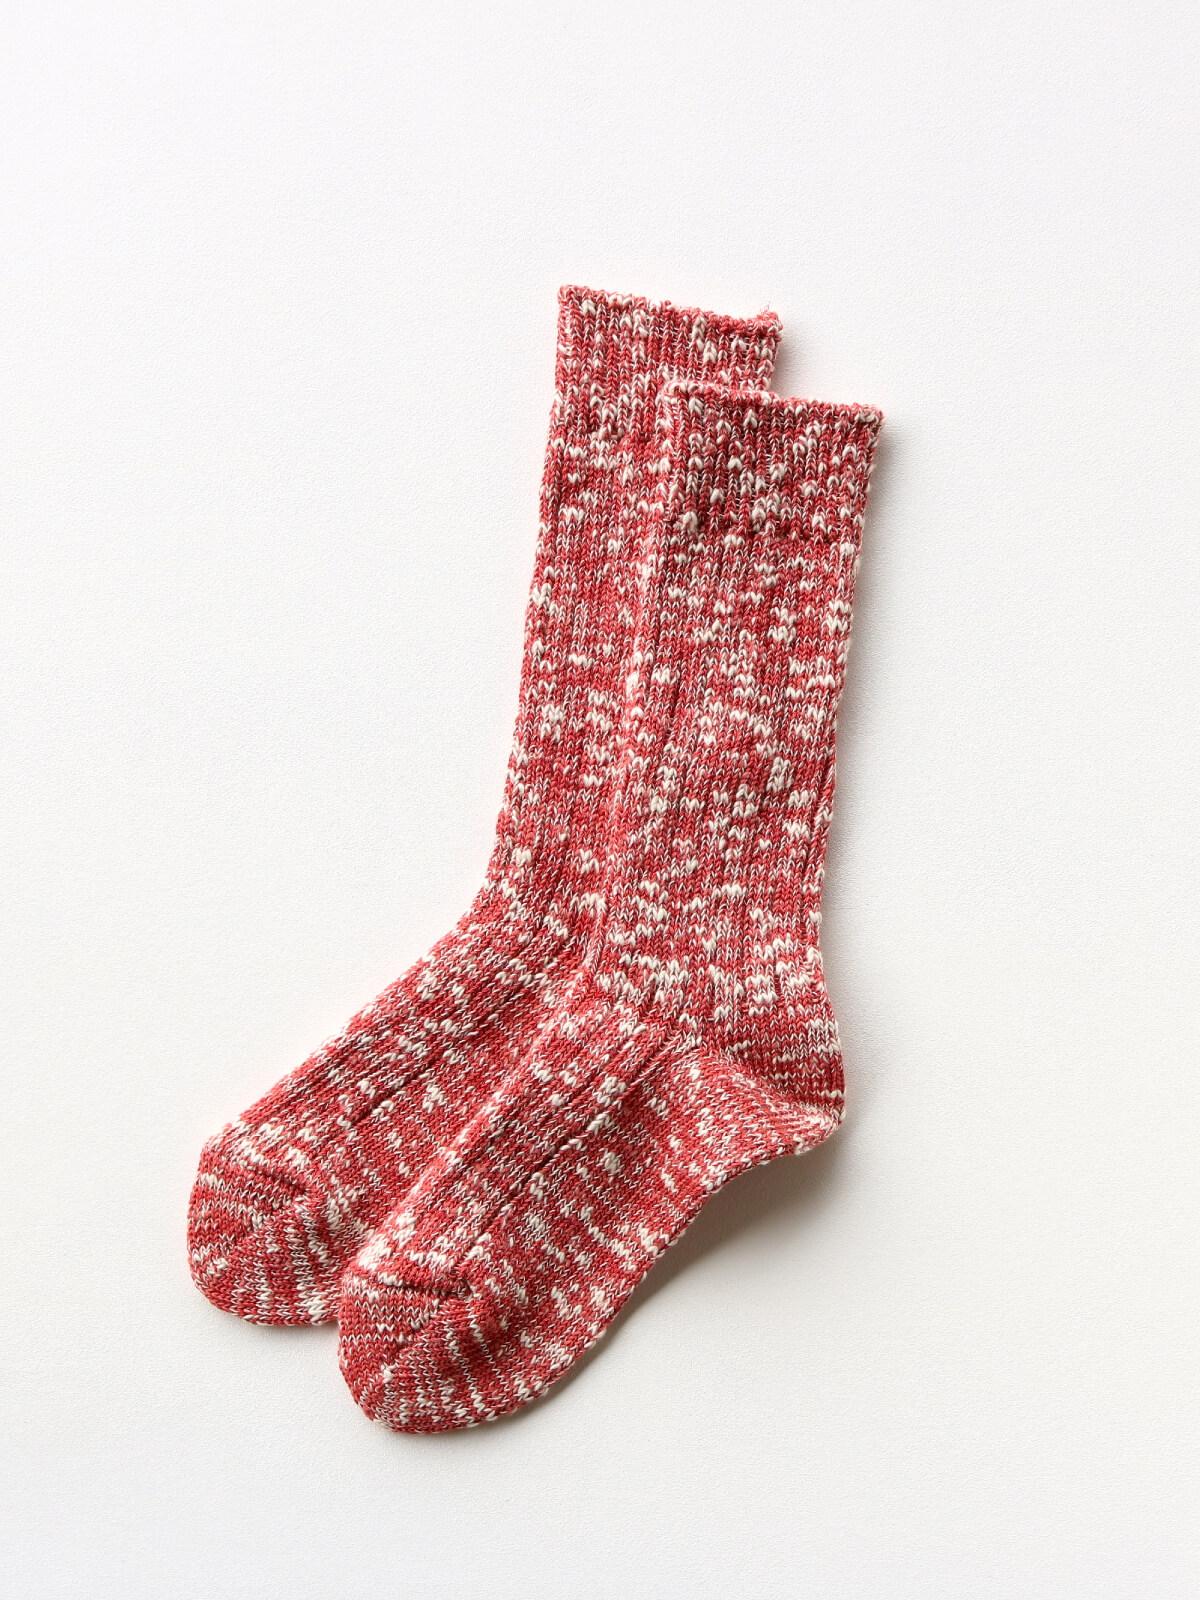 当たりつきギフト専用靴下のLUCKY SOCKS(ラッキーソックス)のMix Rib Socks(ミックスリブソックス)のブラッドオレンジ_2